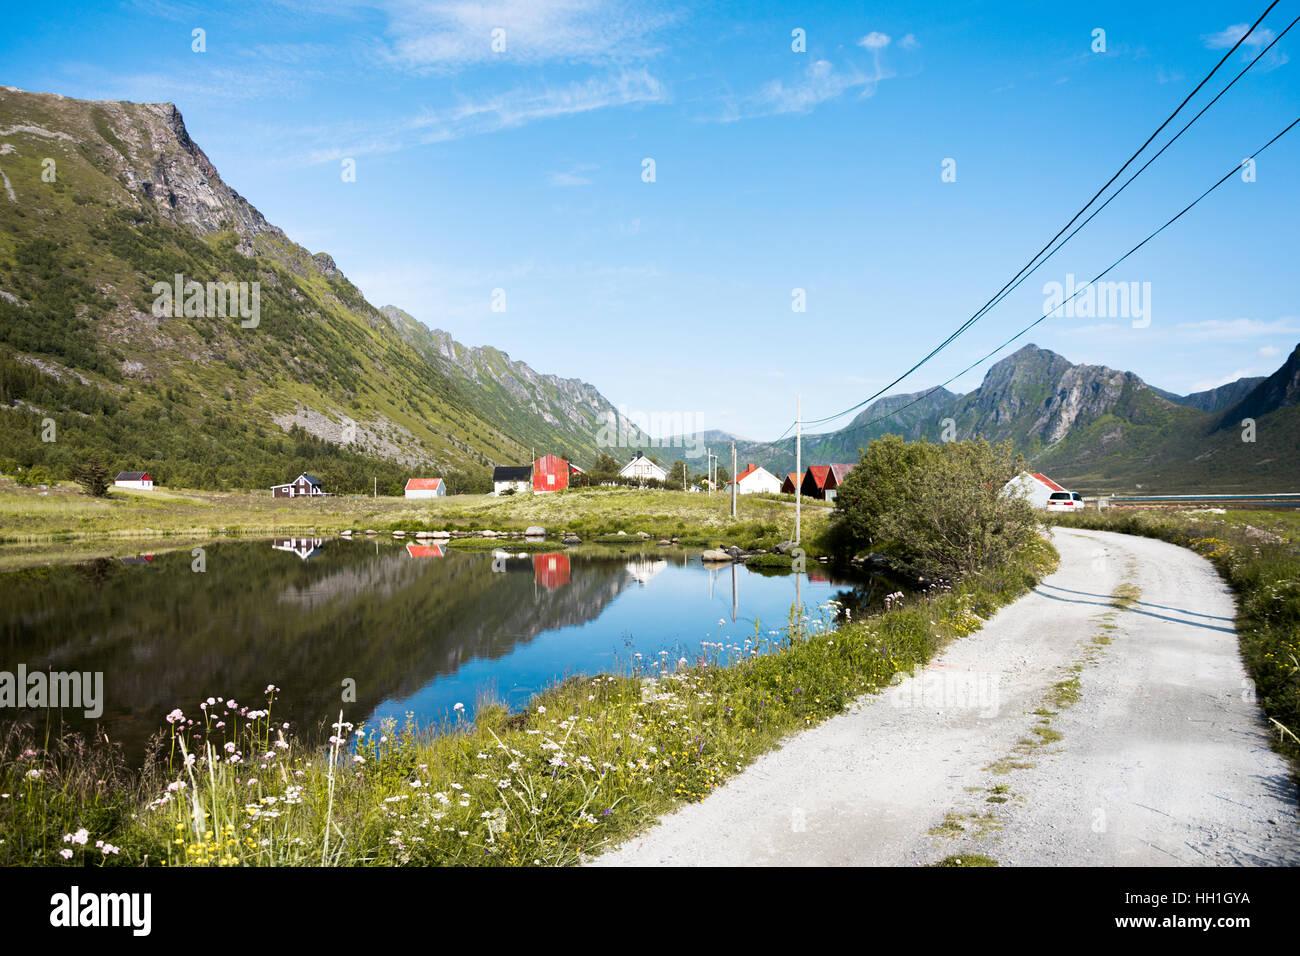 Grunnfarnes on Senja island in norther Norway - Stock Image